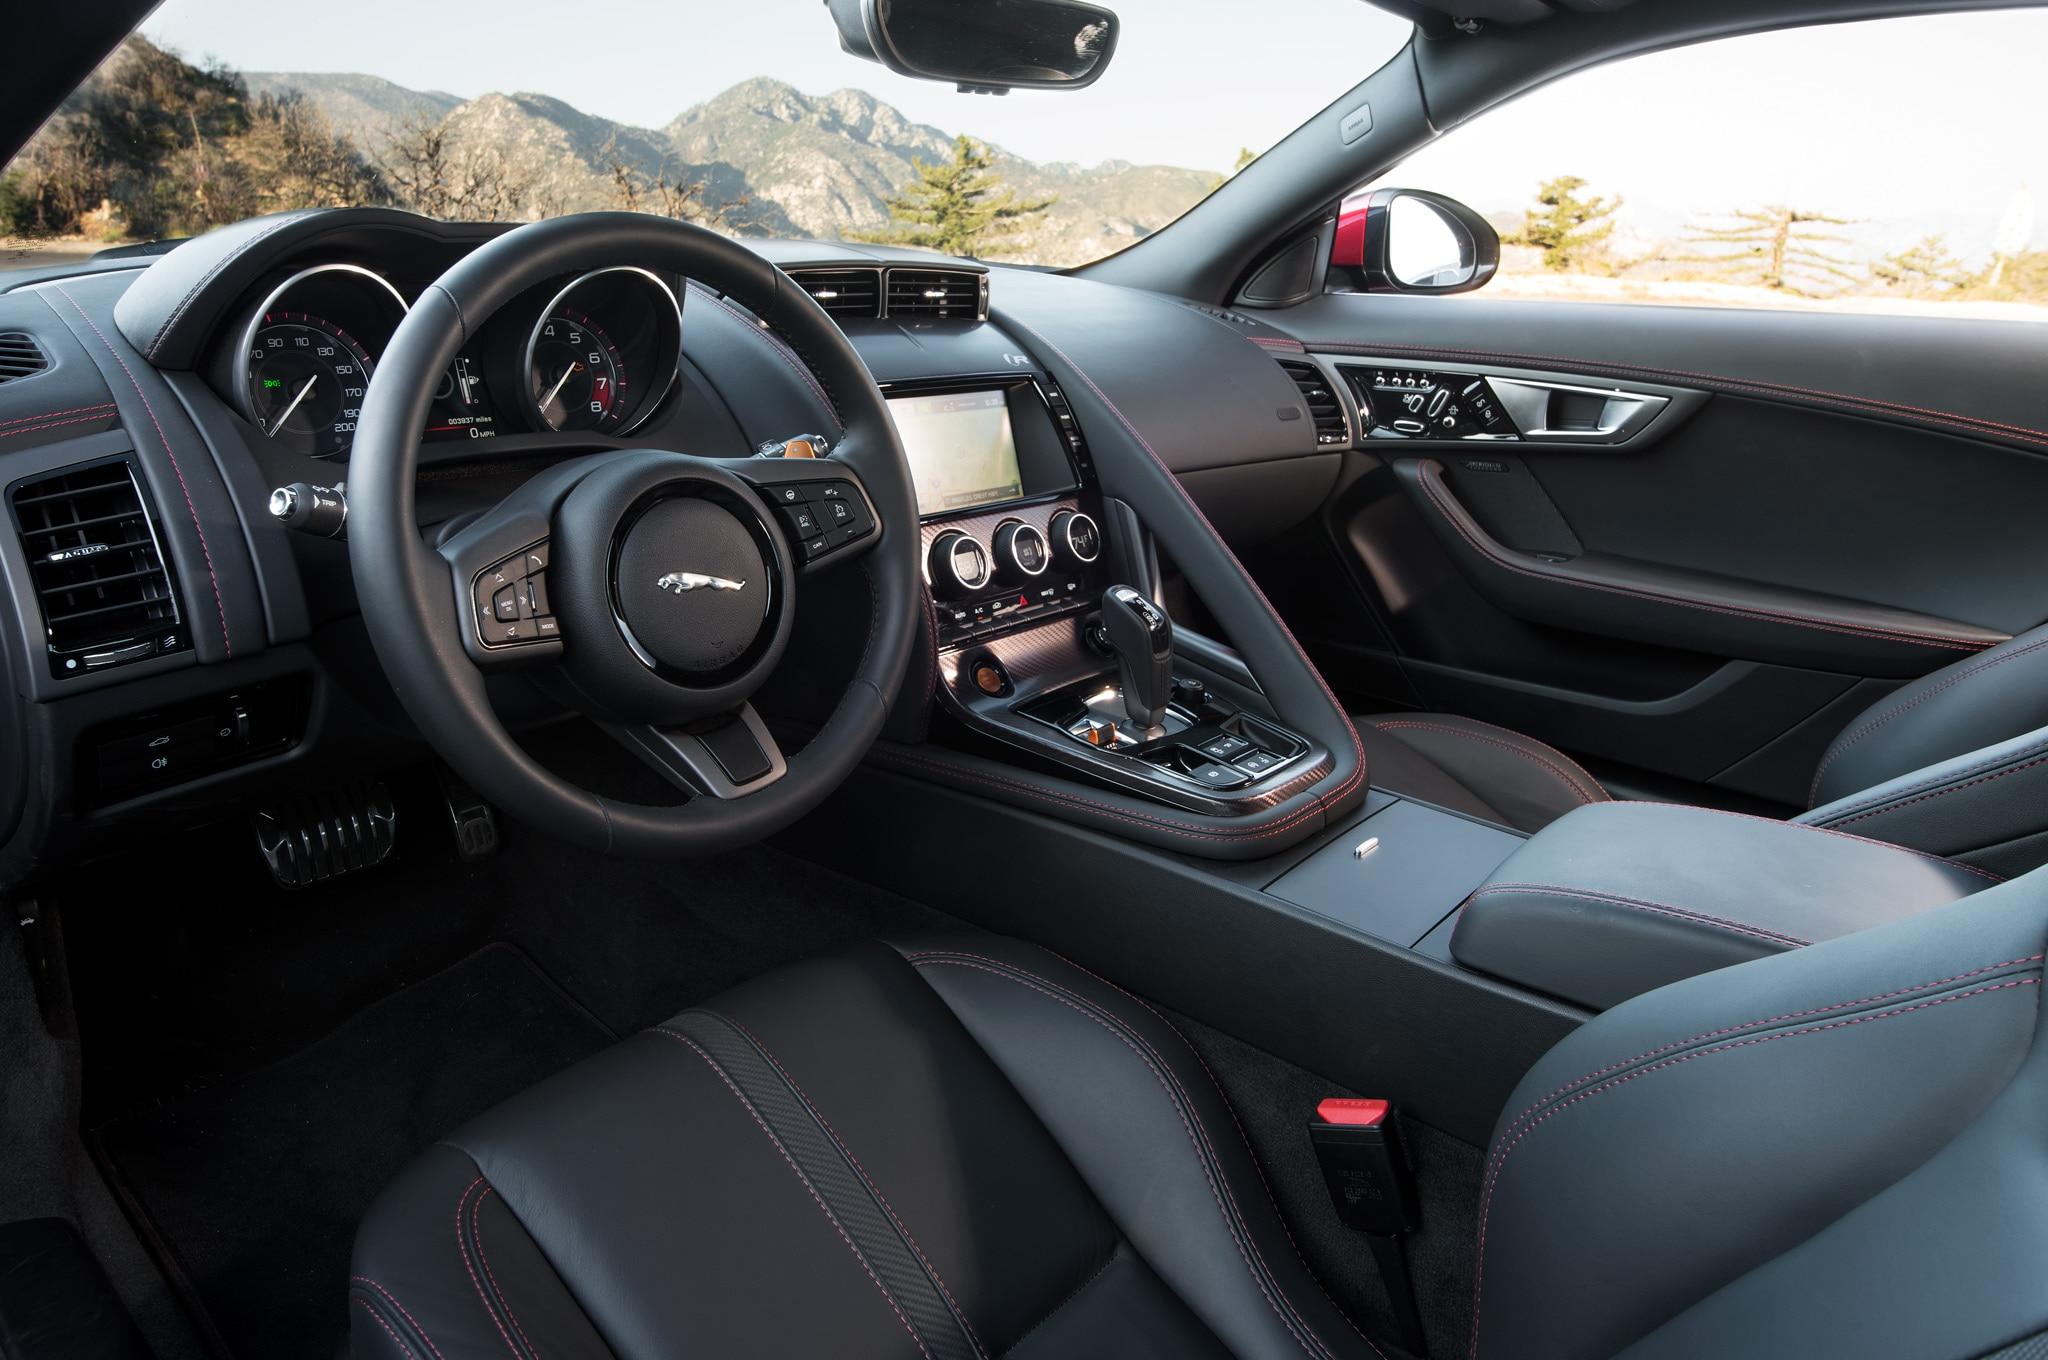 Jaguar F Type Coupe Llegar A Los Angeles